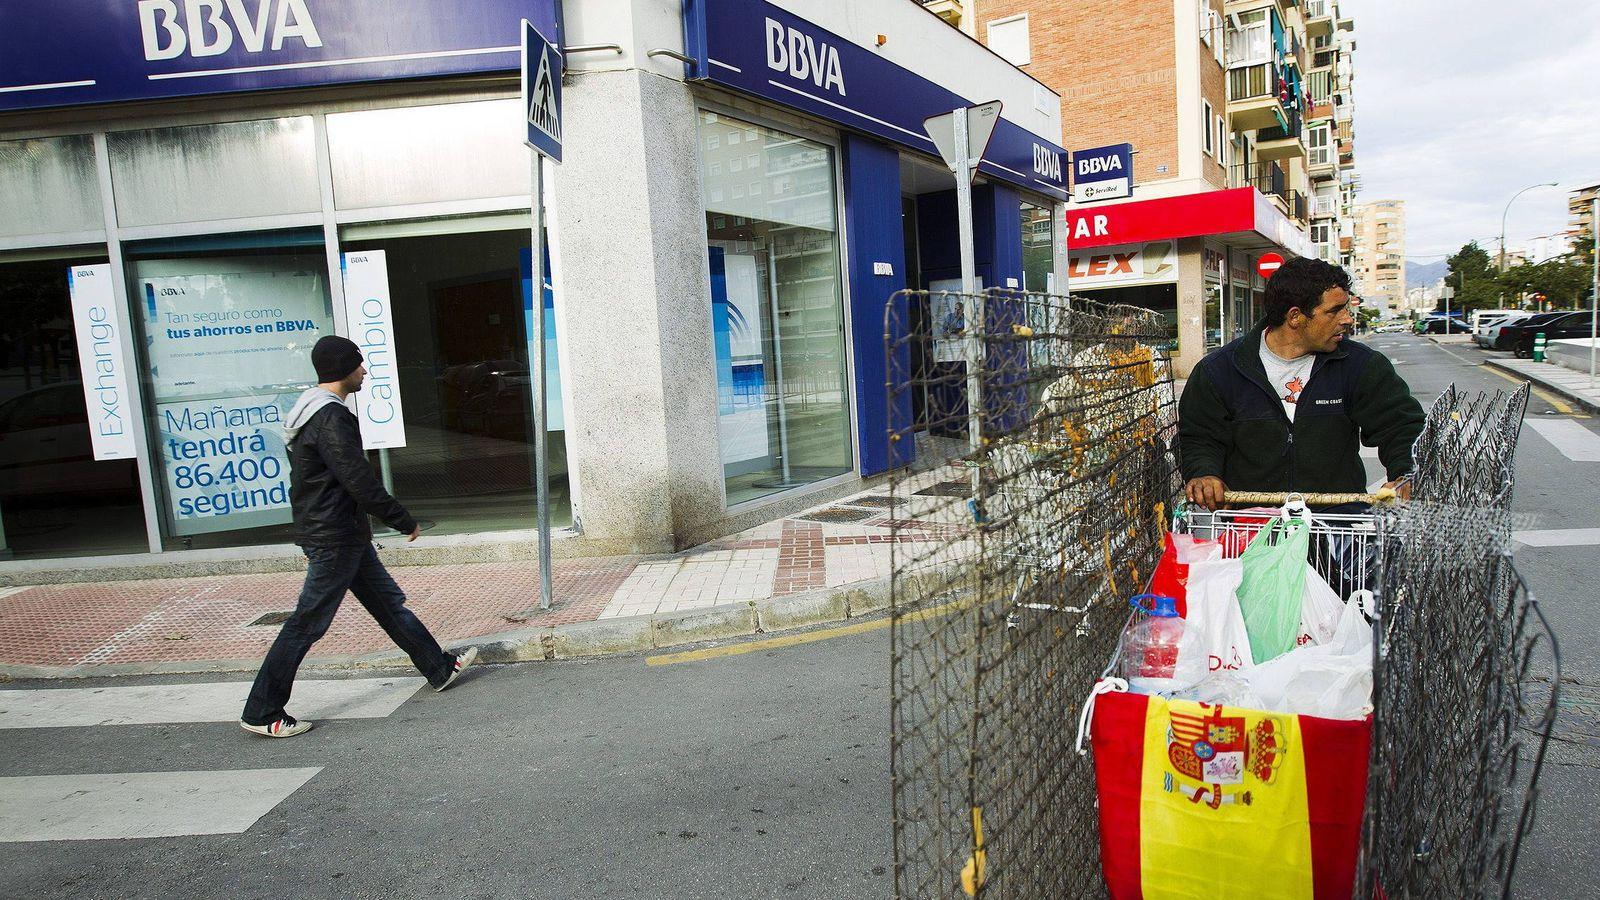 Noticias del bbva bbva aplaza el cobro de dos euros a los for Banco galicia busca cajeros